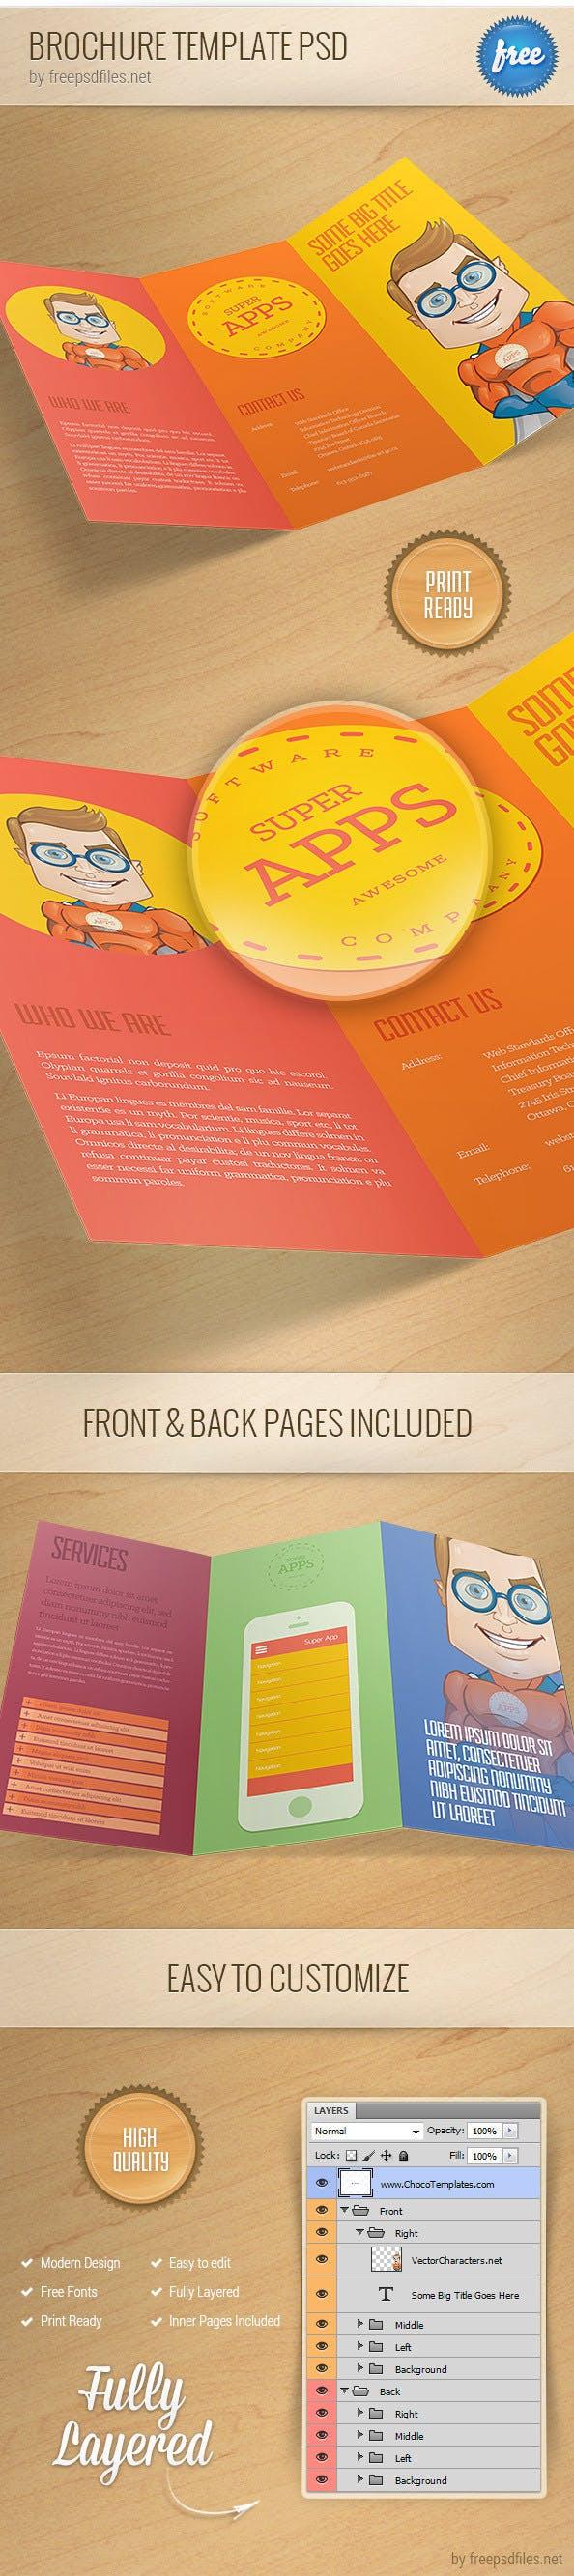 20 wunderschöne Visitenkarten-Vorlagen für Photoshop [Teil 2] | t3n ...